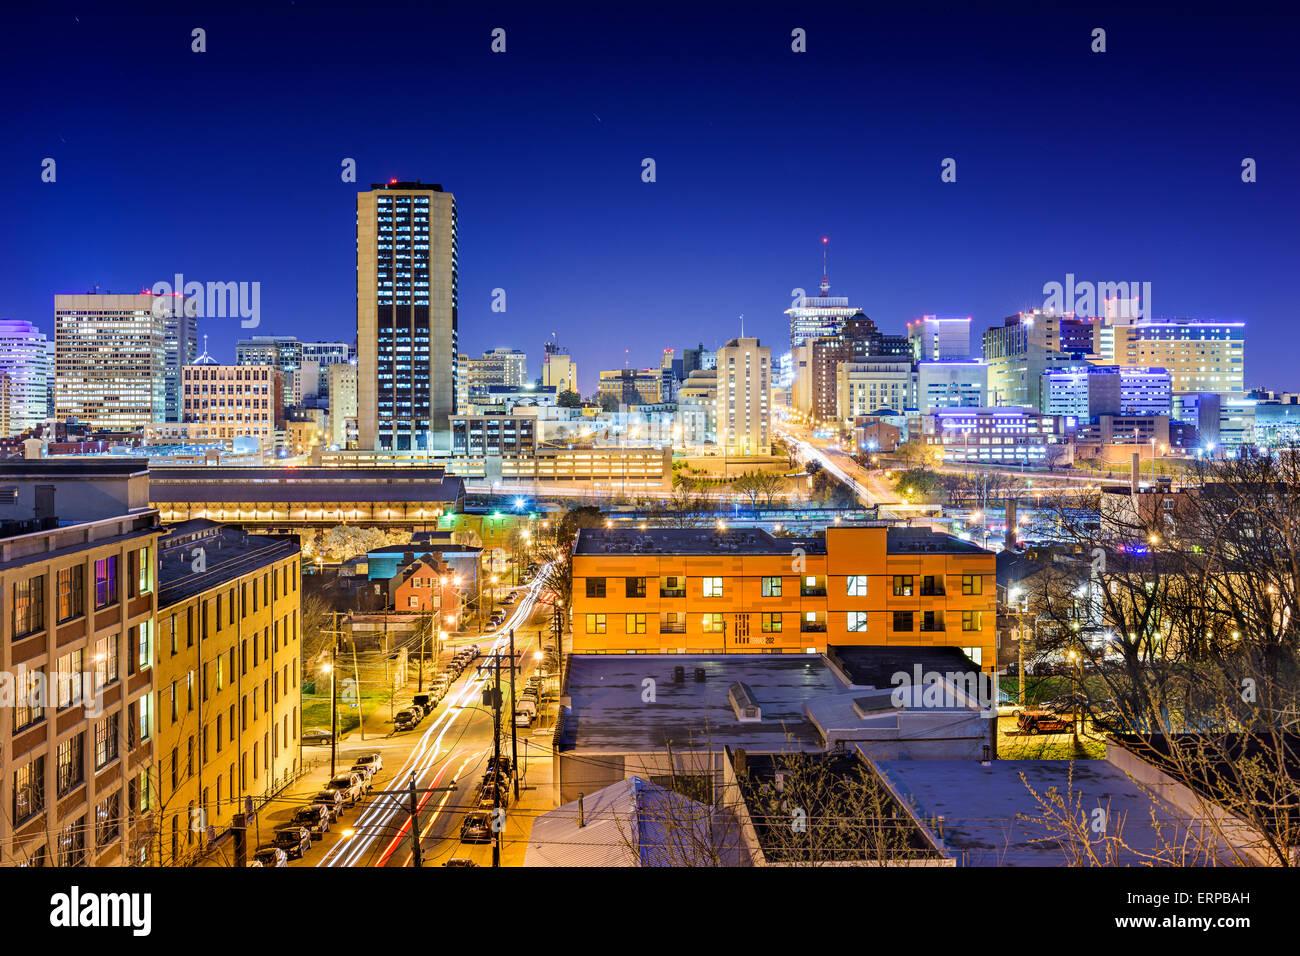 Richmond, Virginia, USA downtown skyline at night. - Stock Image